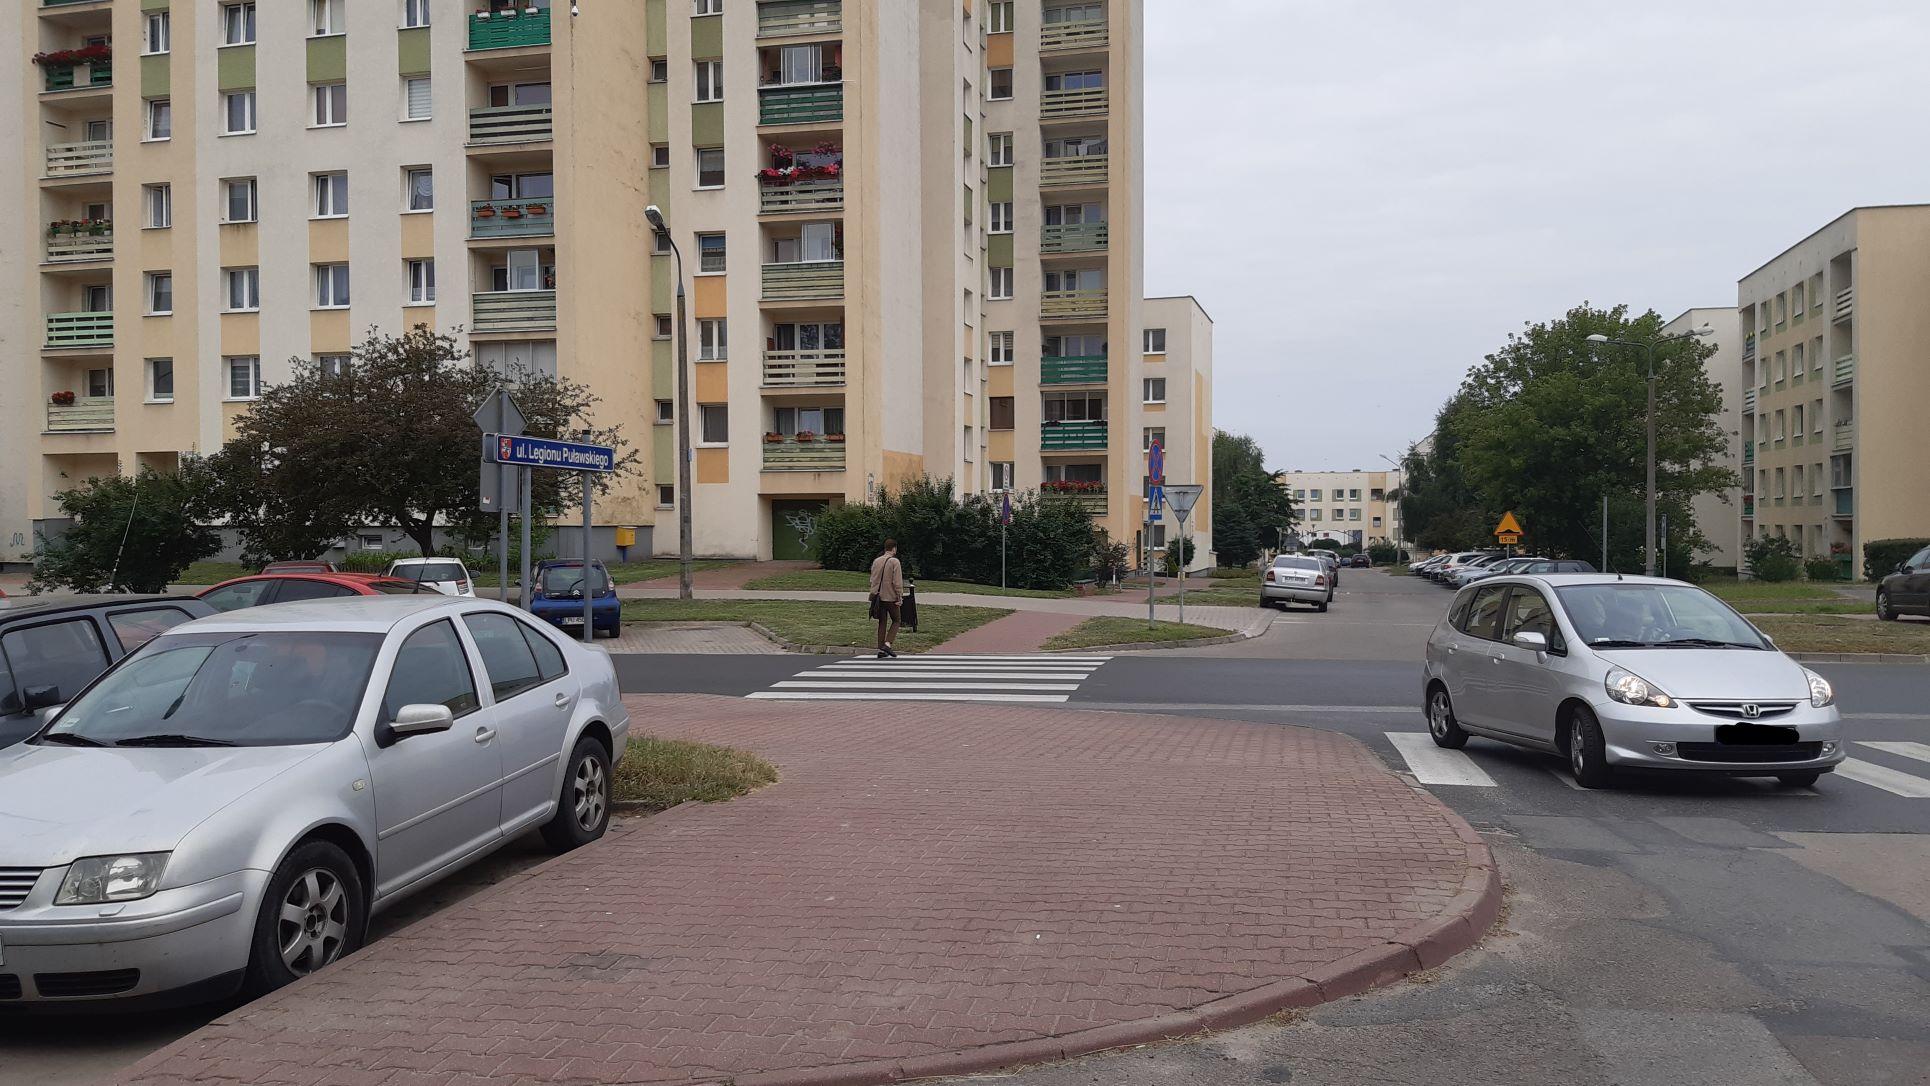 Radny chciał ostrzegać pieszych, urząd nie widzi potrzeby - Zdjęcie główne